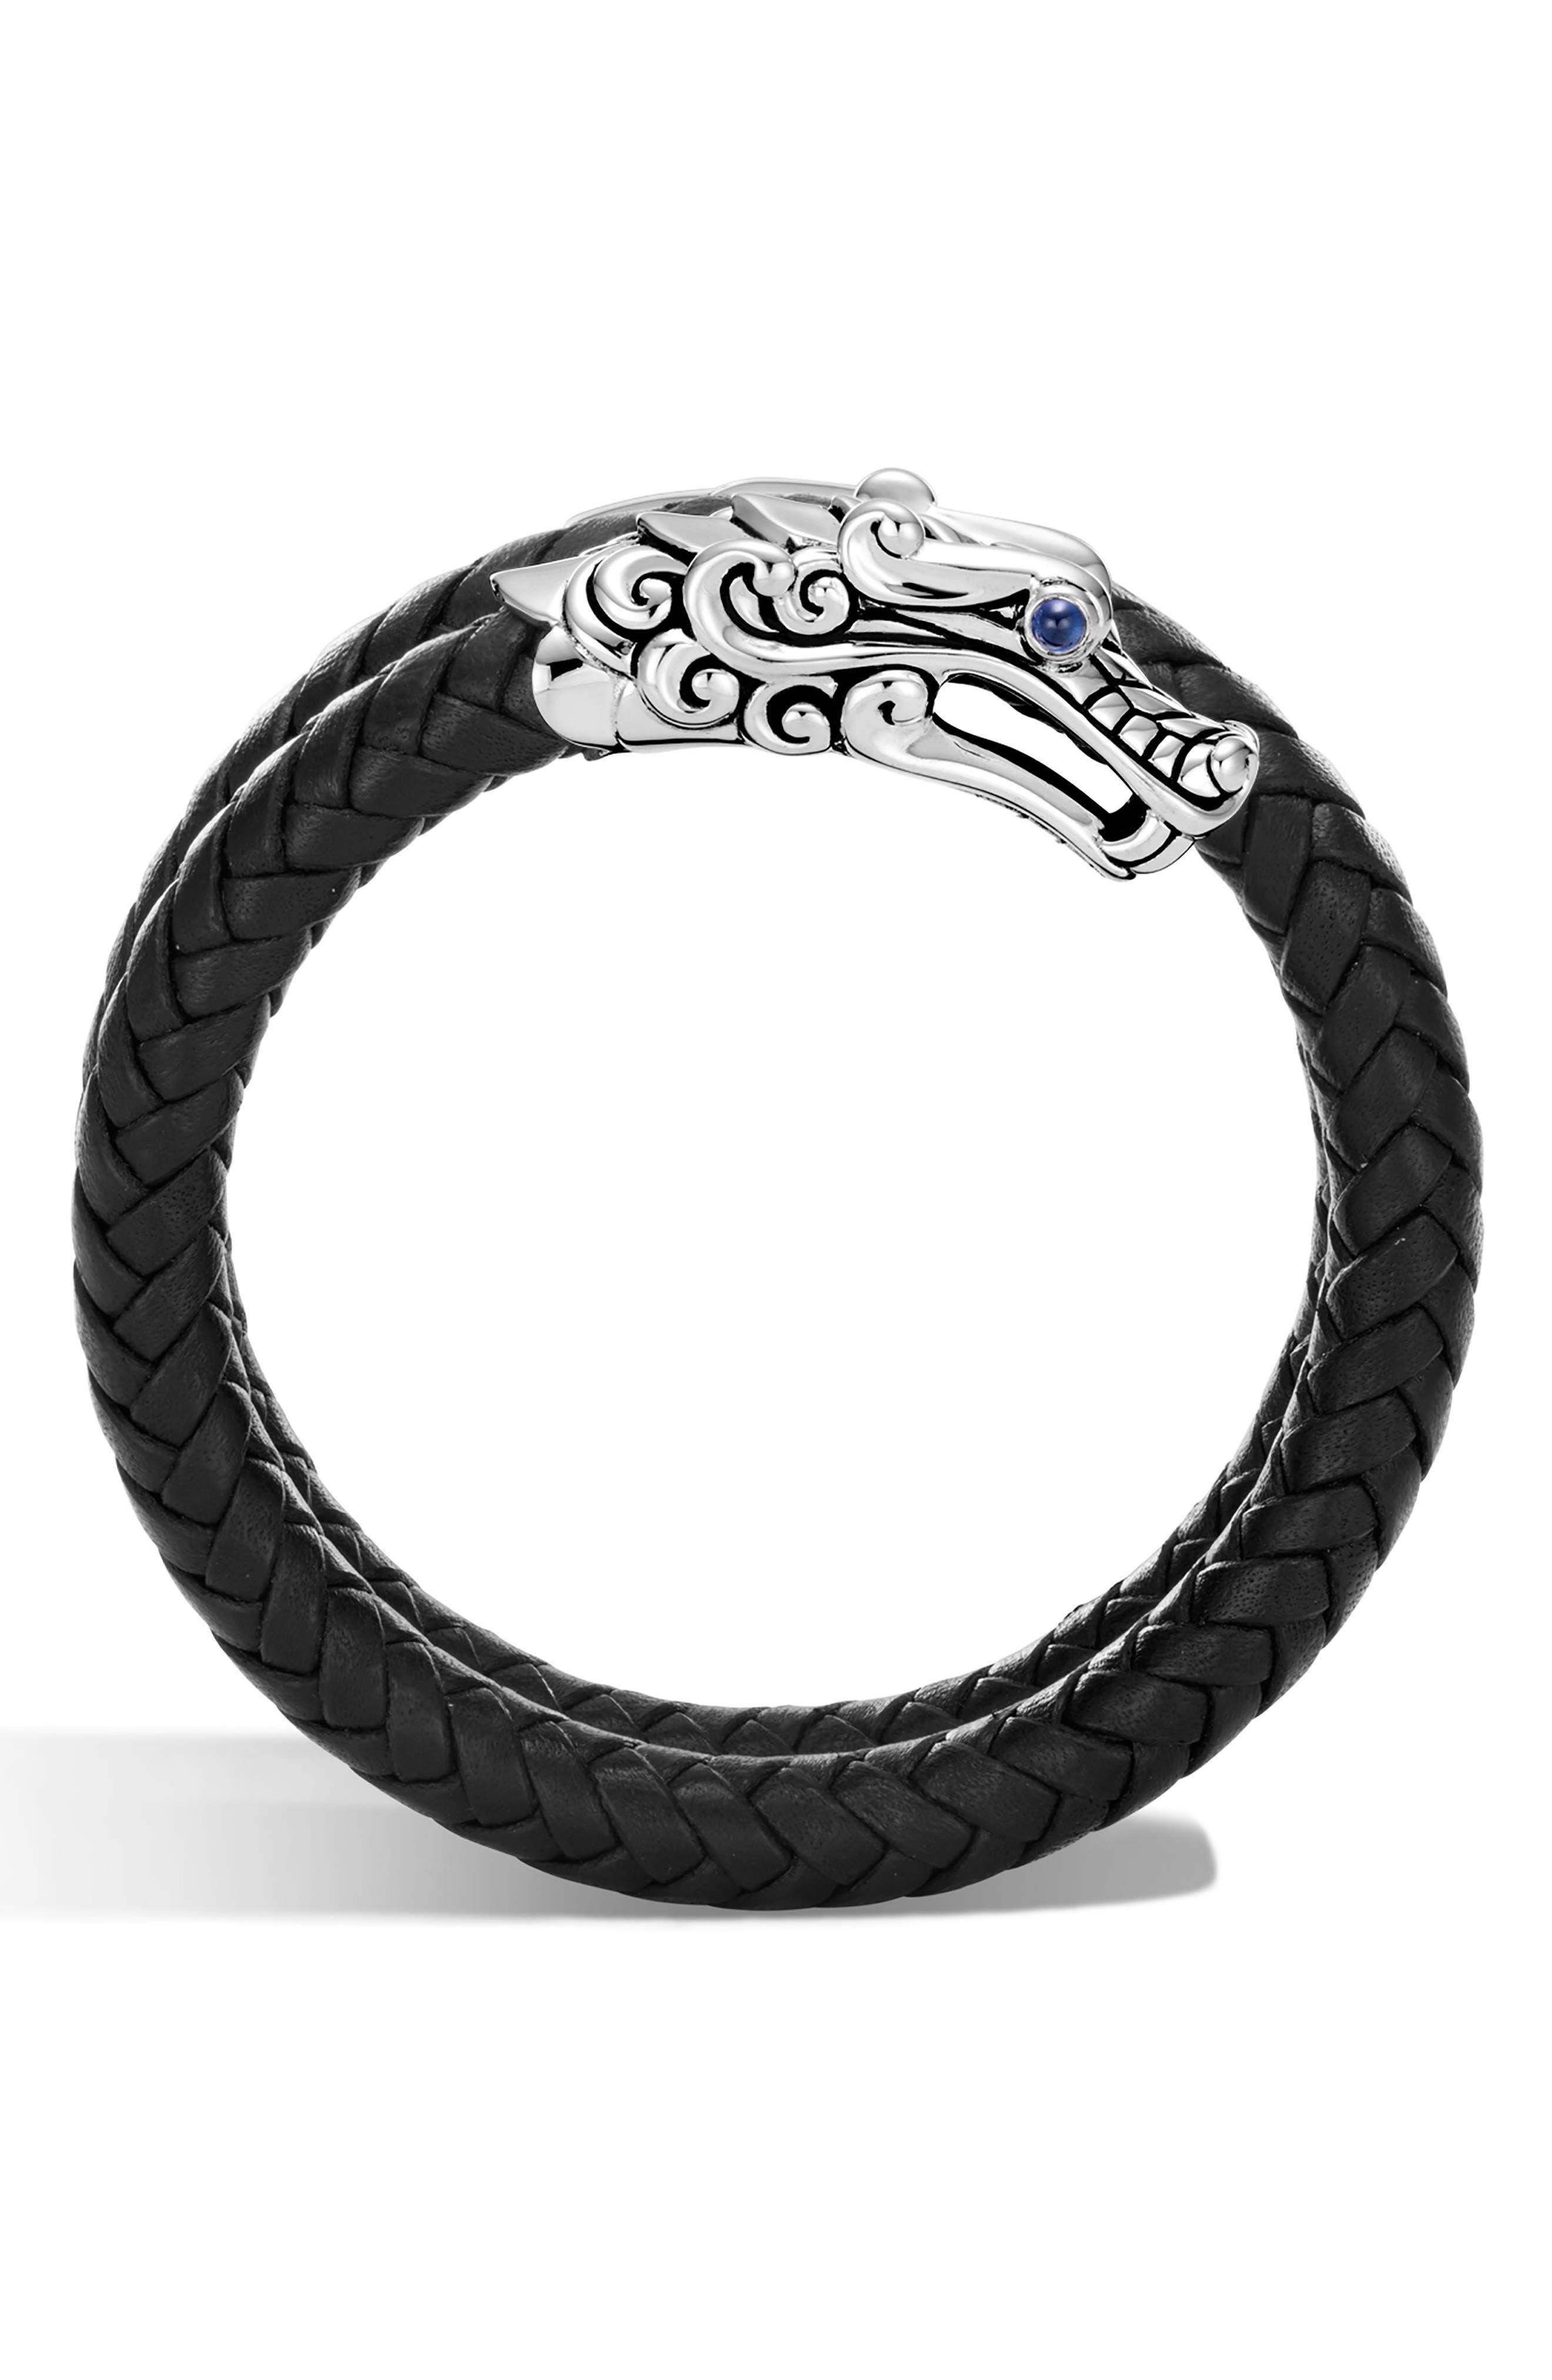 JOHN HARDY Legends Naga Coiled Leather Bracelet, Main, color, BLACK